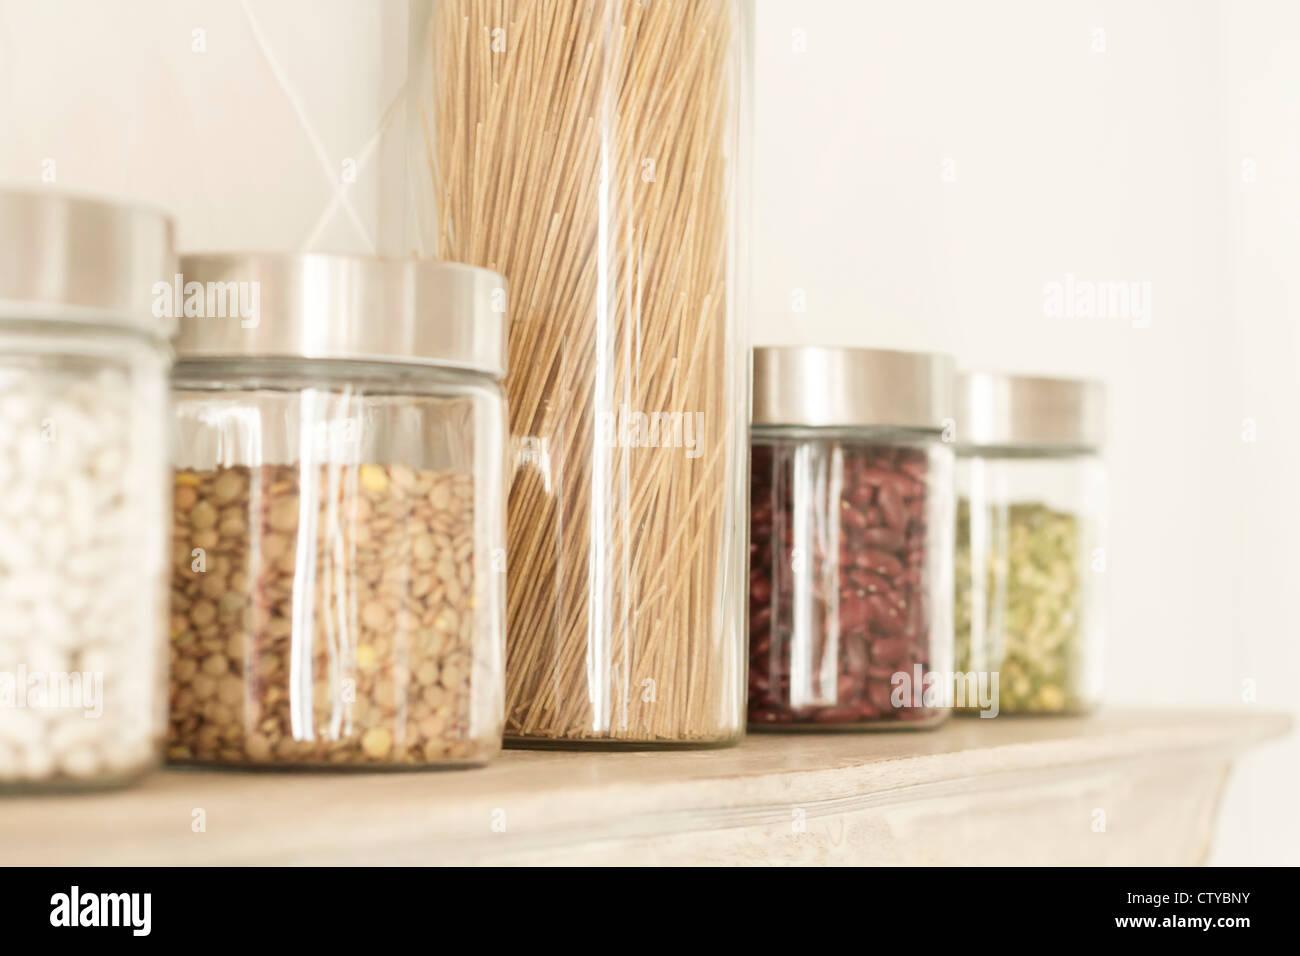 Pasta e lenticchie e fagioli in vasi sul ripiano. Immagini Stock